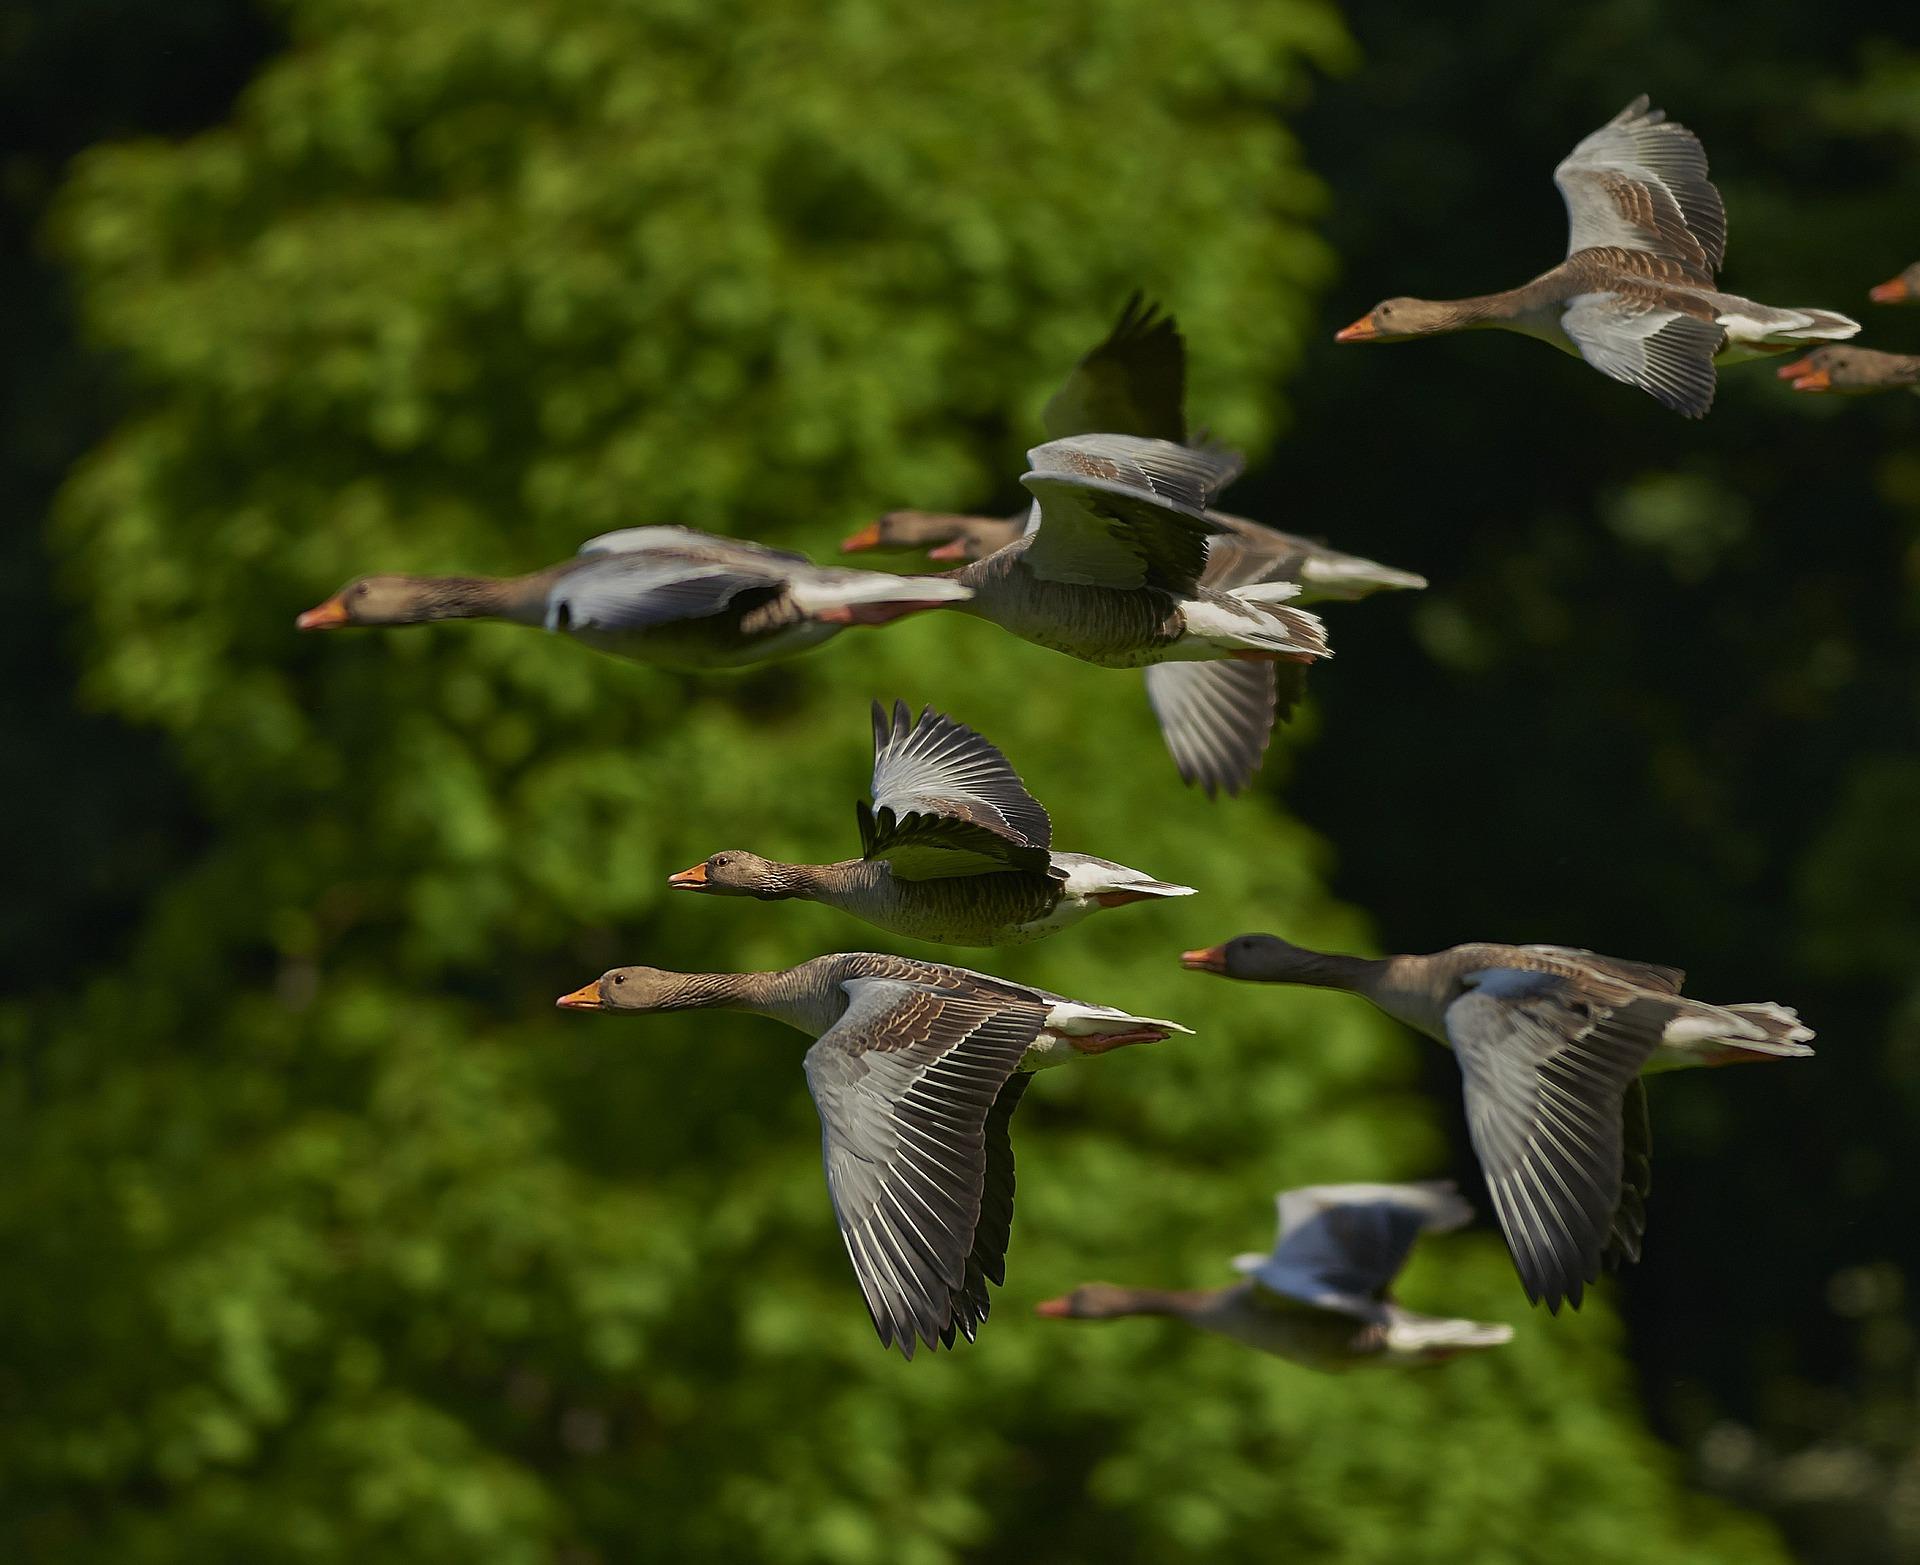 flock-of-birds-350290_1920のコピー